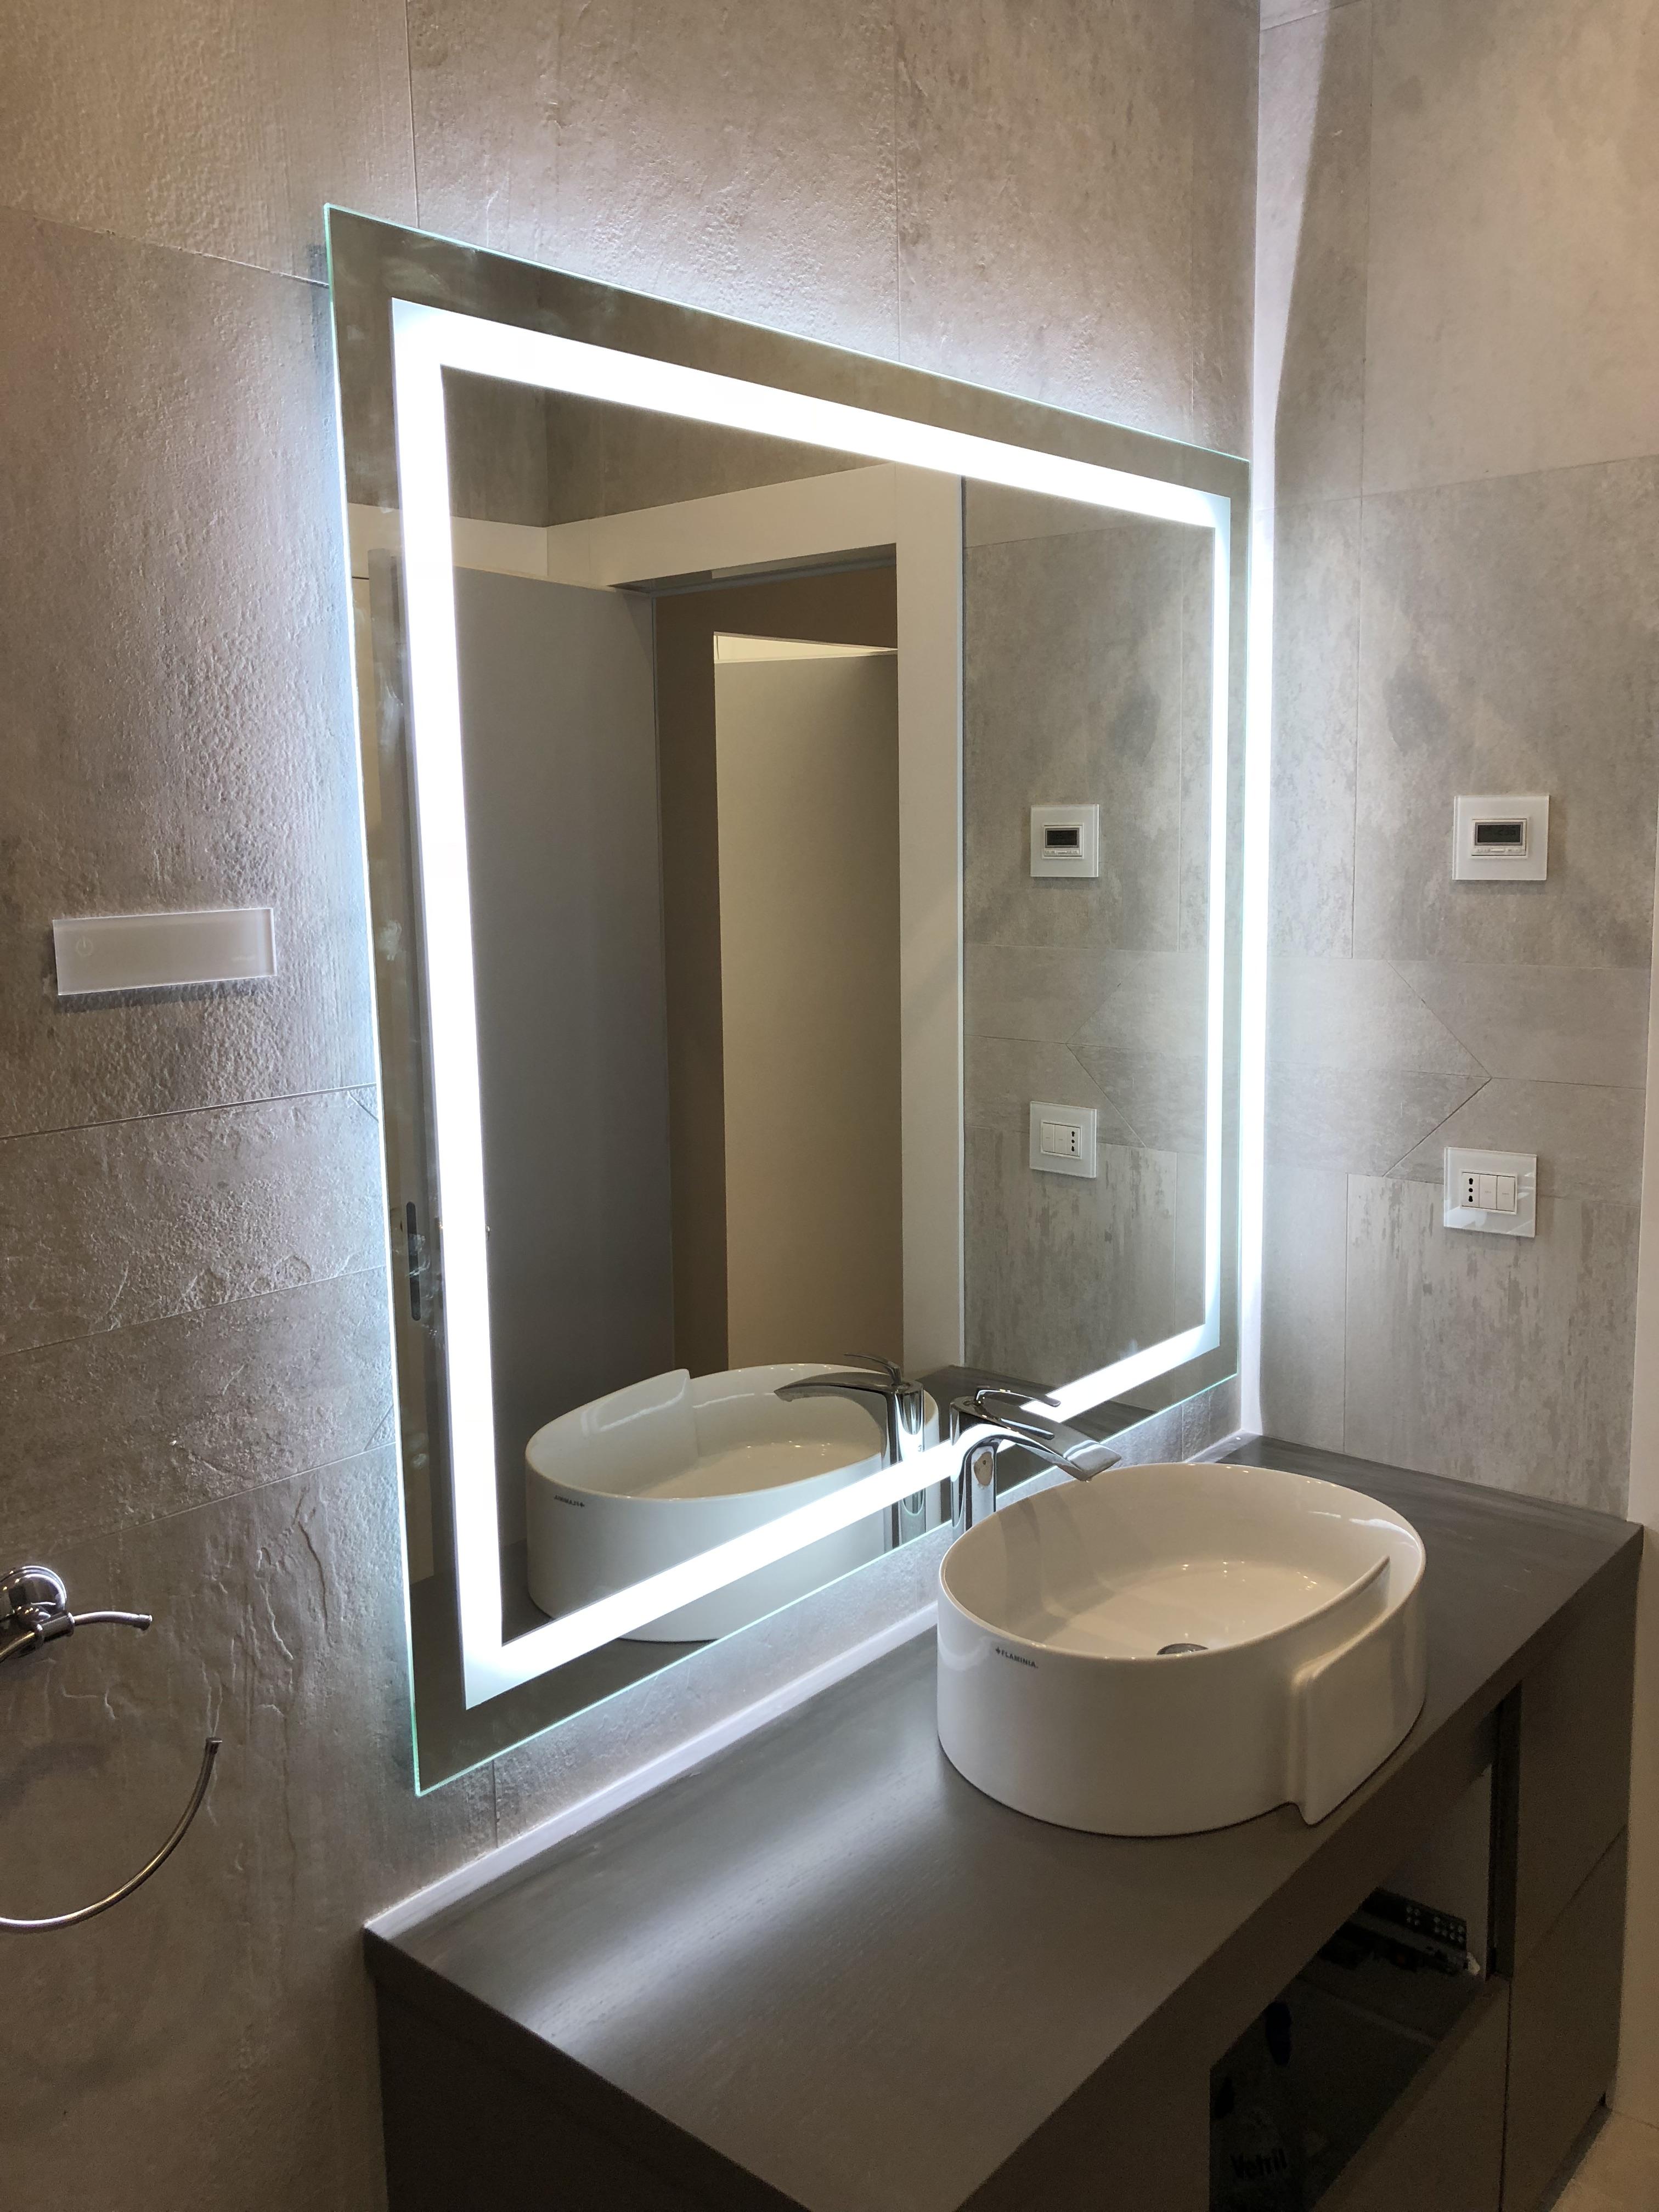 Bagno in vetro stunning with bagno in vetro top di rubinetto lavabo bagno vetro cascata - Specchi bagno roma ...